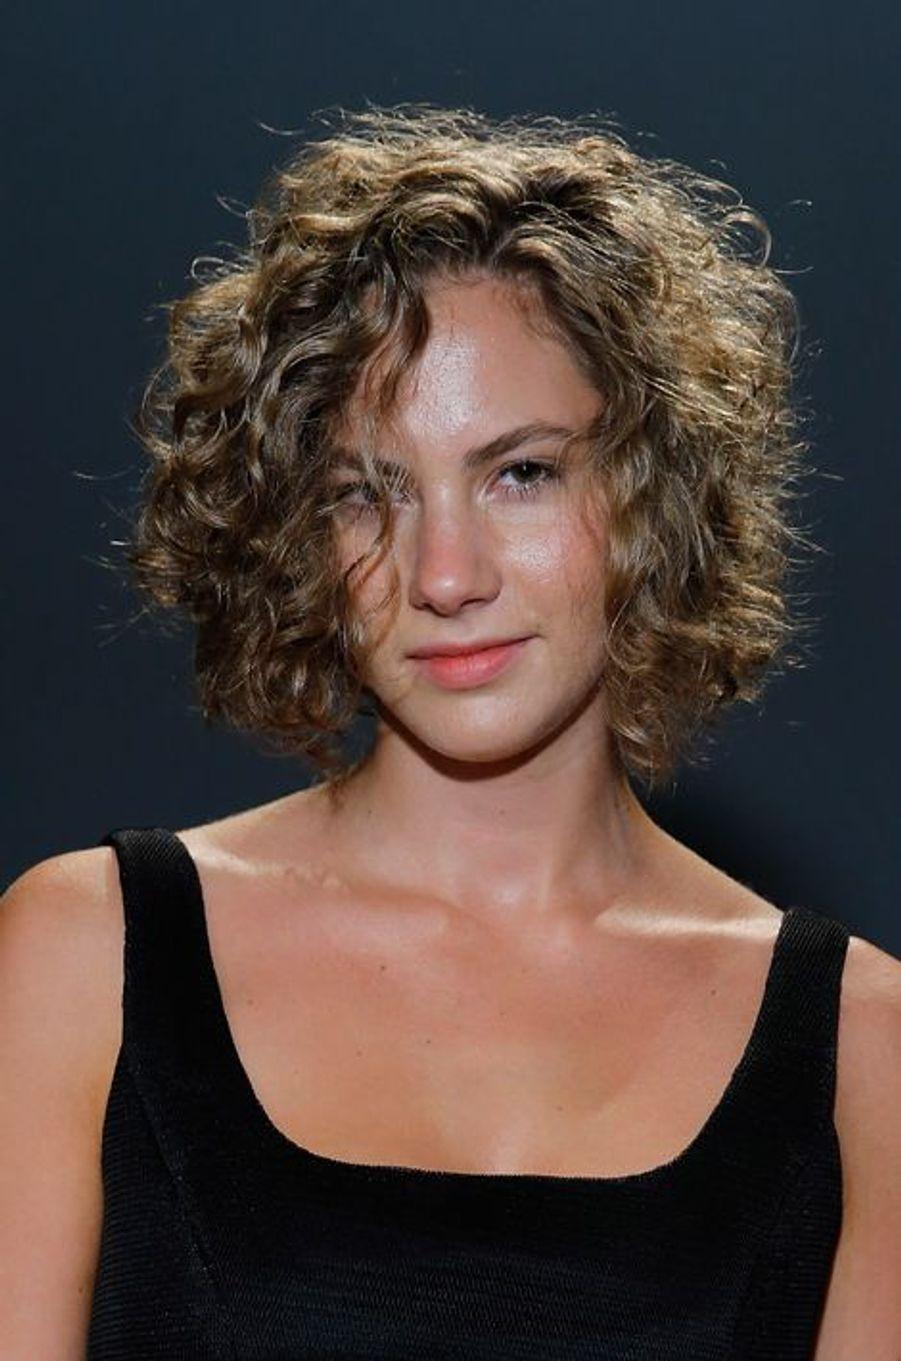 Emma Ferrer au défilé Milly By Michelle Smith, le 8 septembre à New York